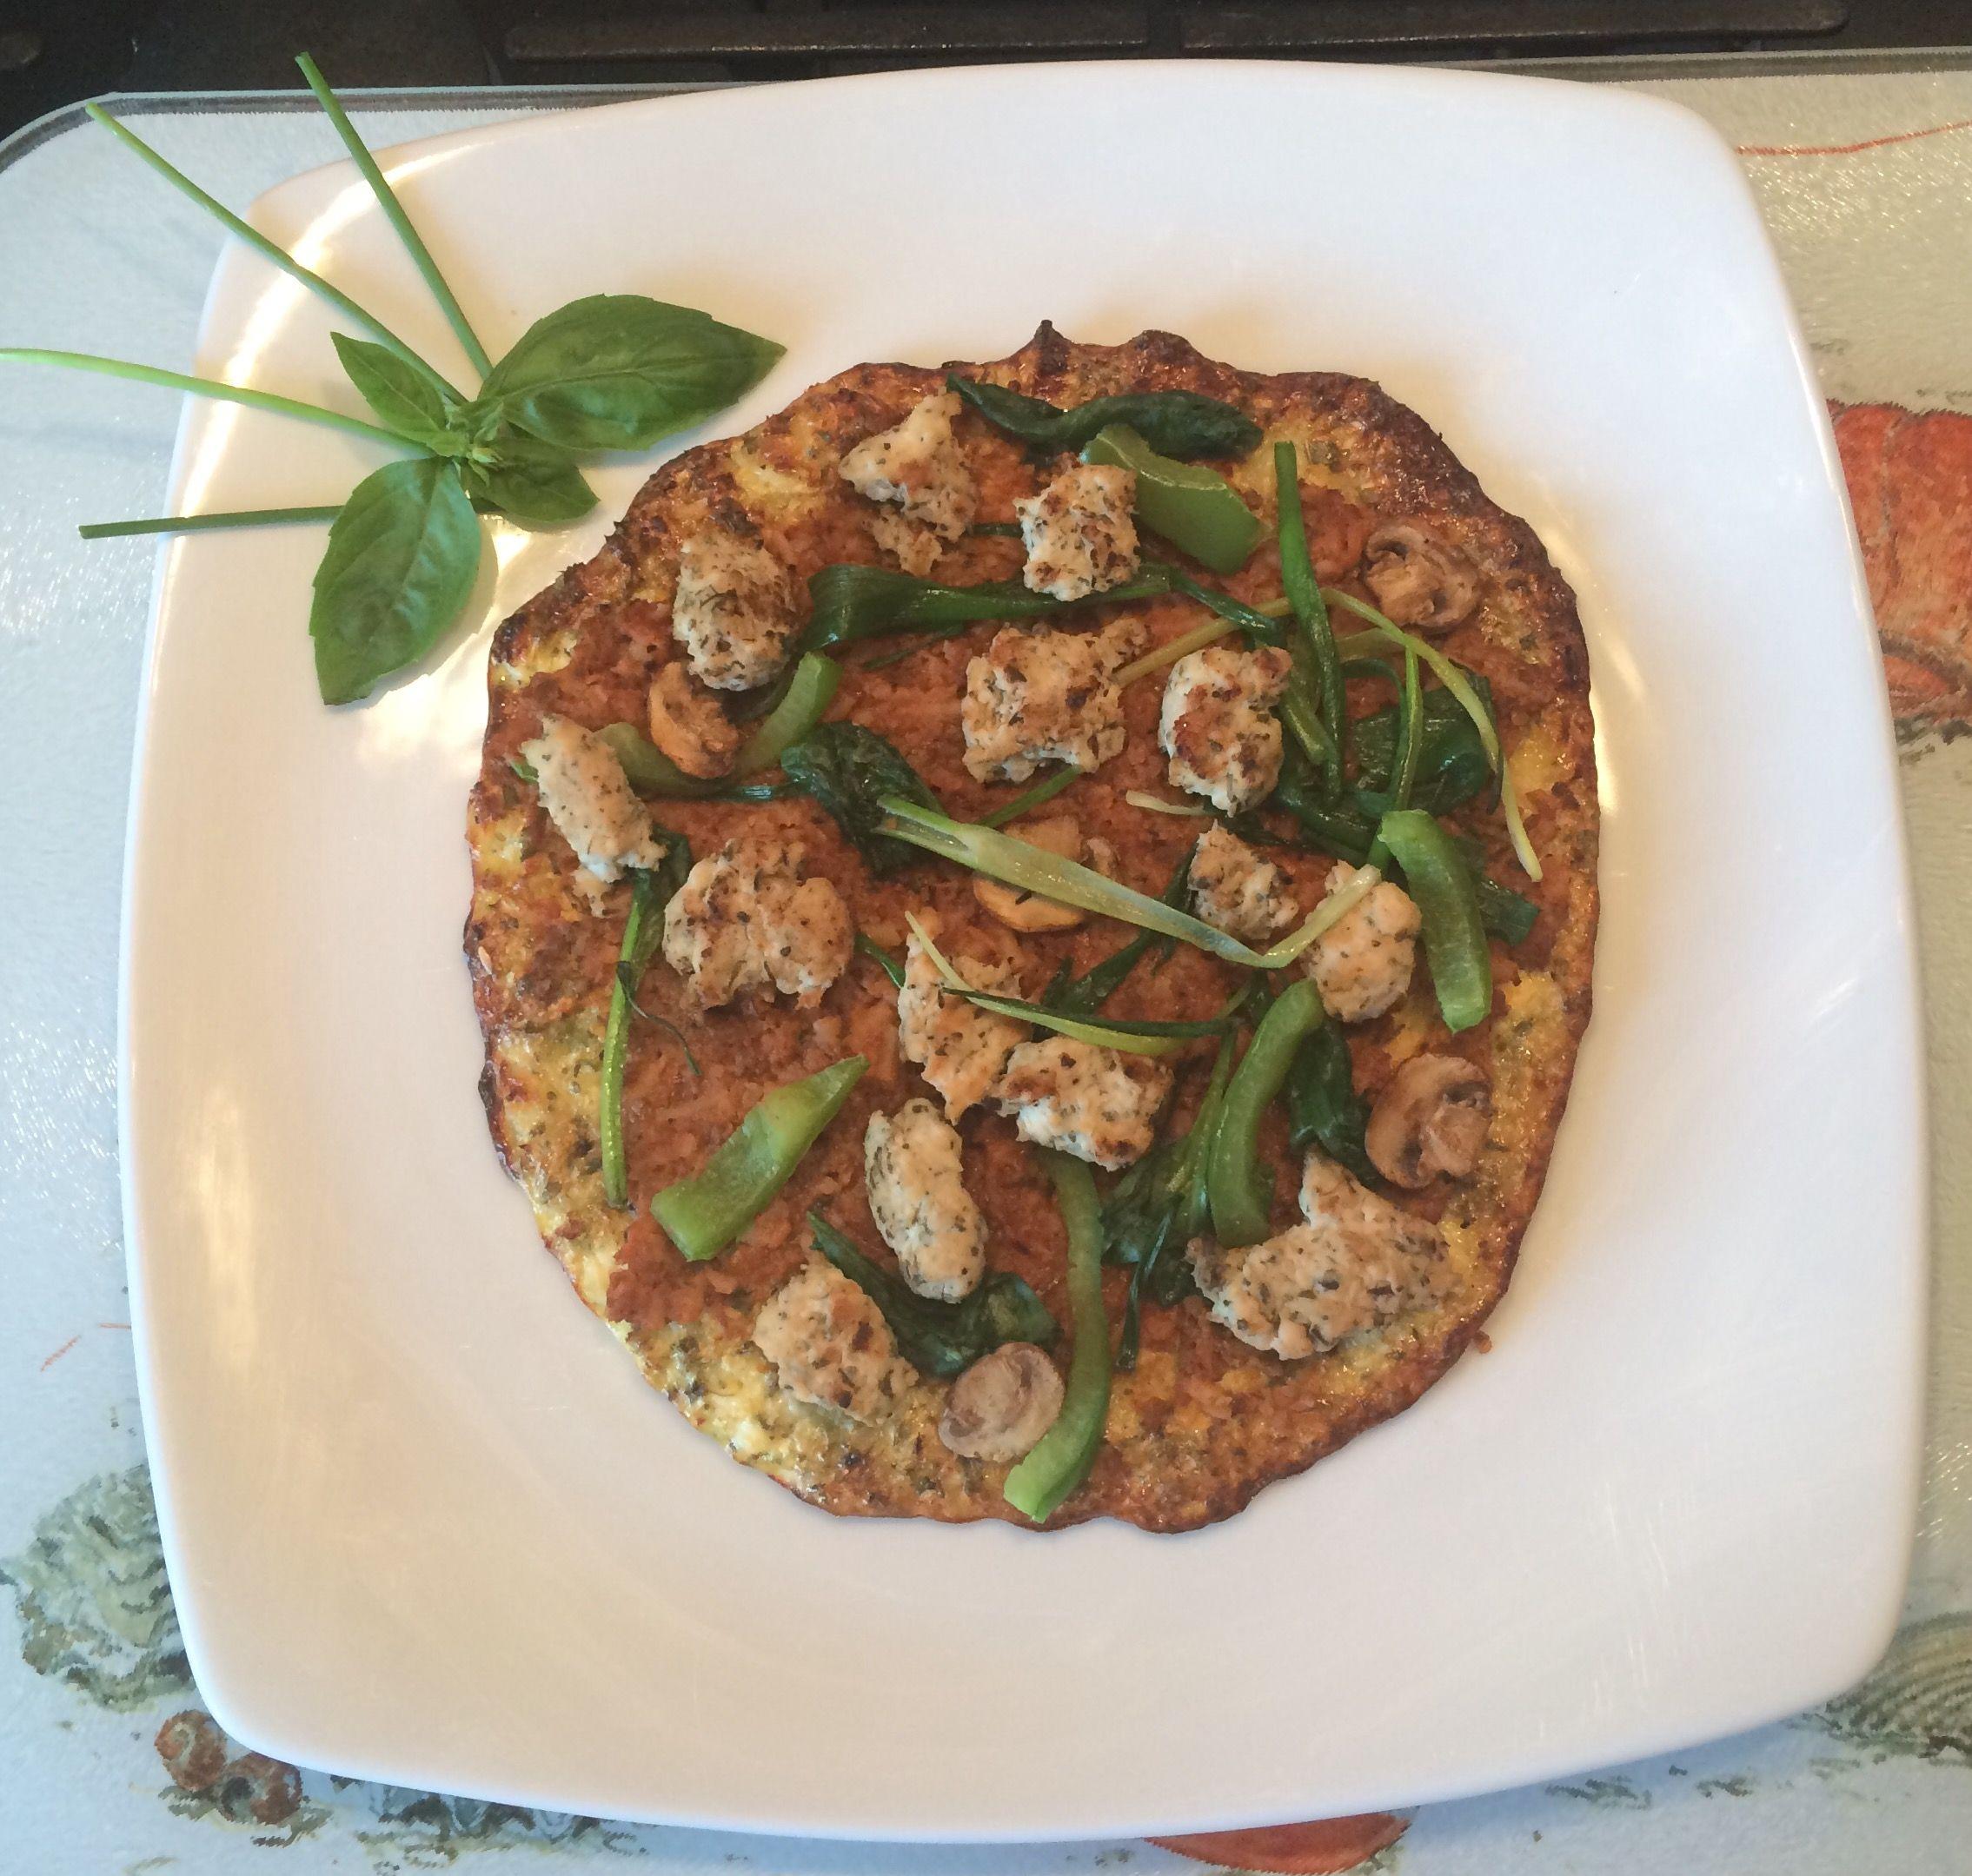 Spicy Chicken Mushroom And Pepper Pizza Cauliflower Bread 50g